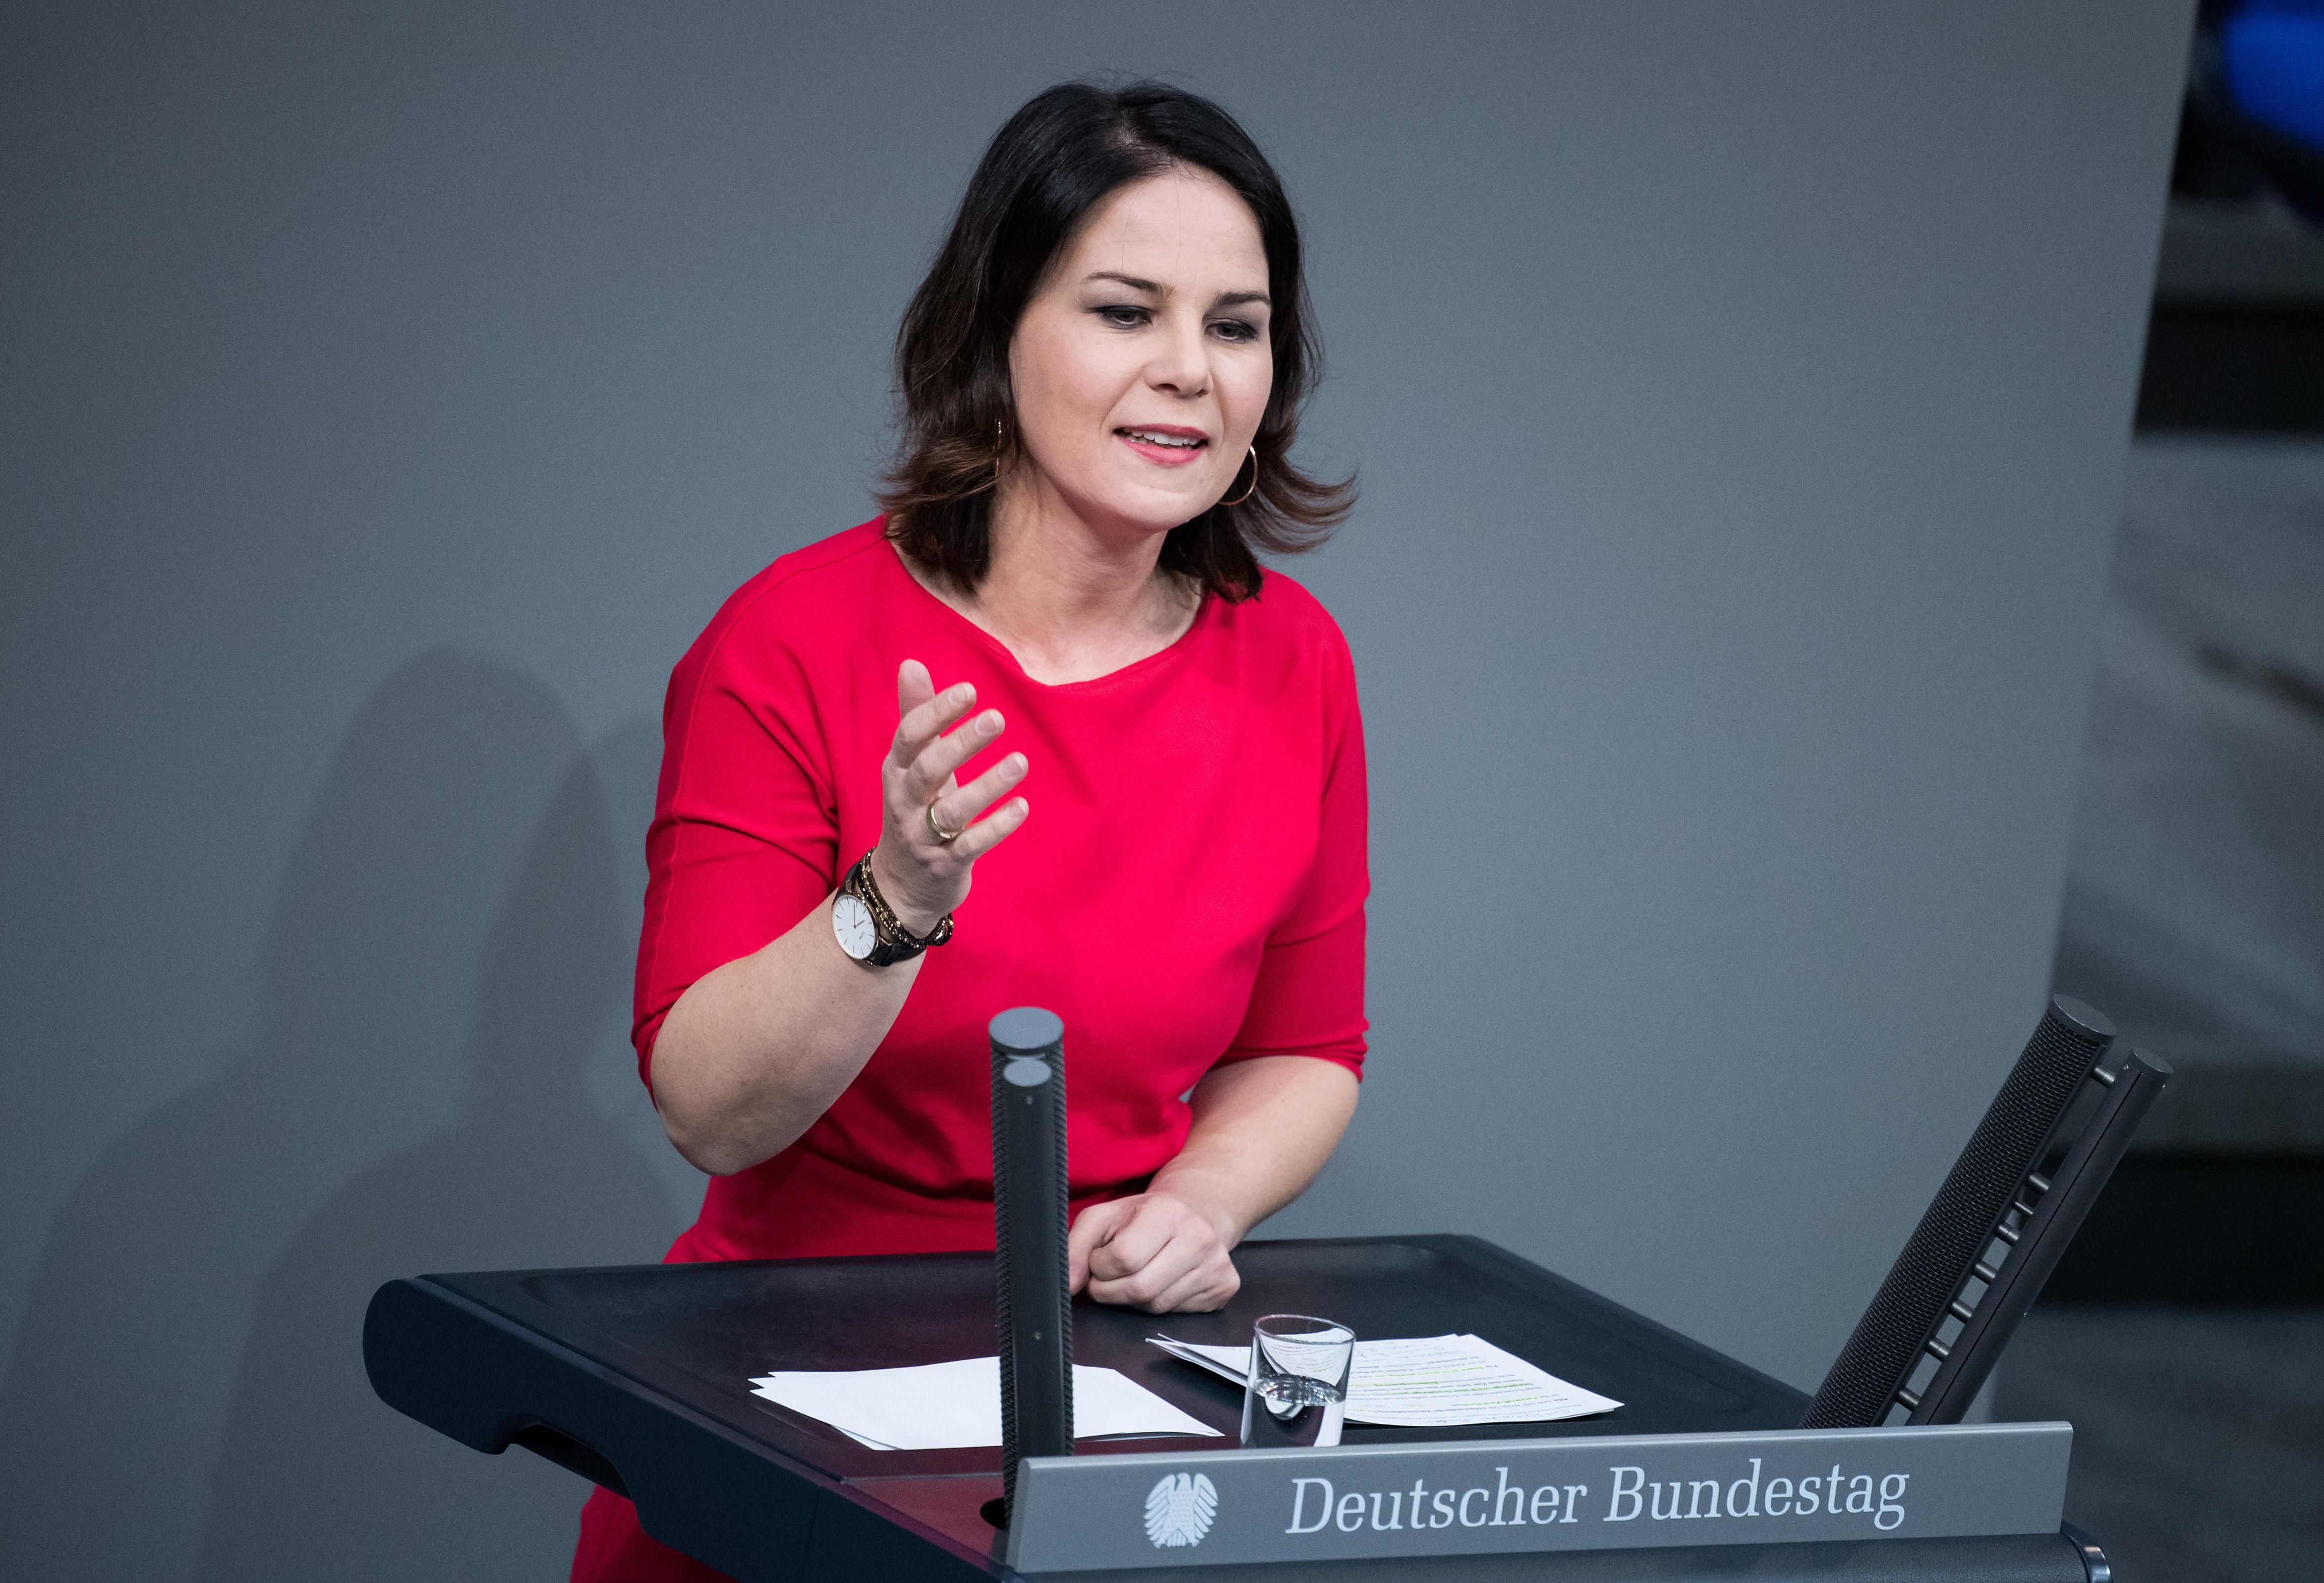 Grünen-Chefin Baerbock gibt Konservativen eine Mitschuld am Aufstieg der Rechten in